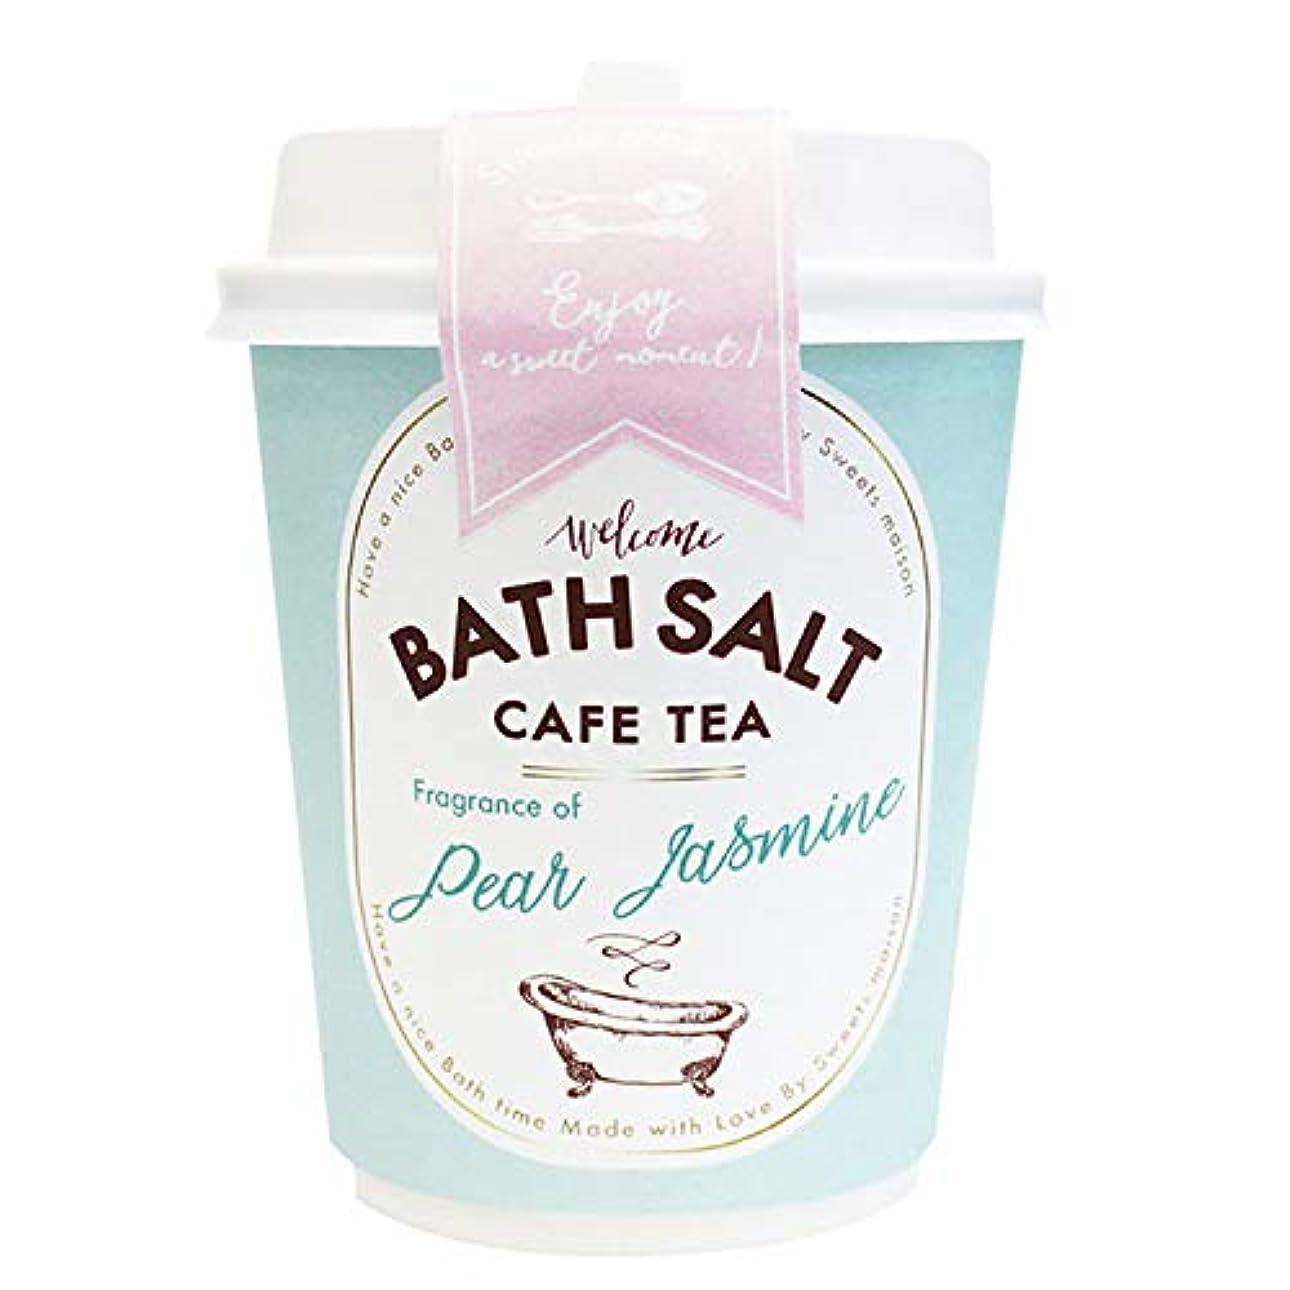 オンスブロッサム期待してノルコーポレーション バスソルト スウィーツメゾン カフェティーバスソルト OB-SMM-48-2 入浴剤 ペアージャスミンの香り 80g